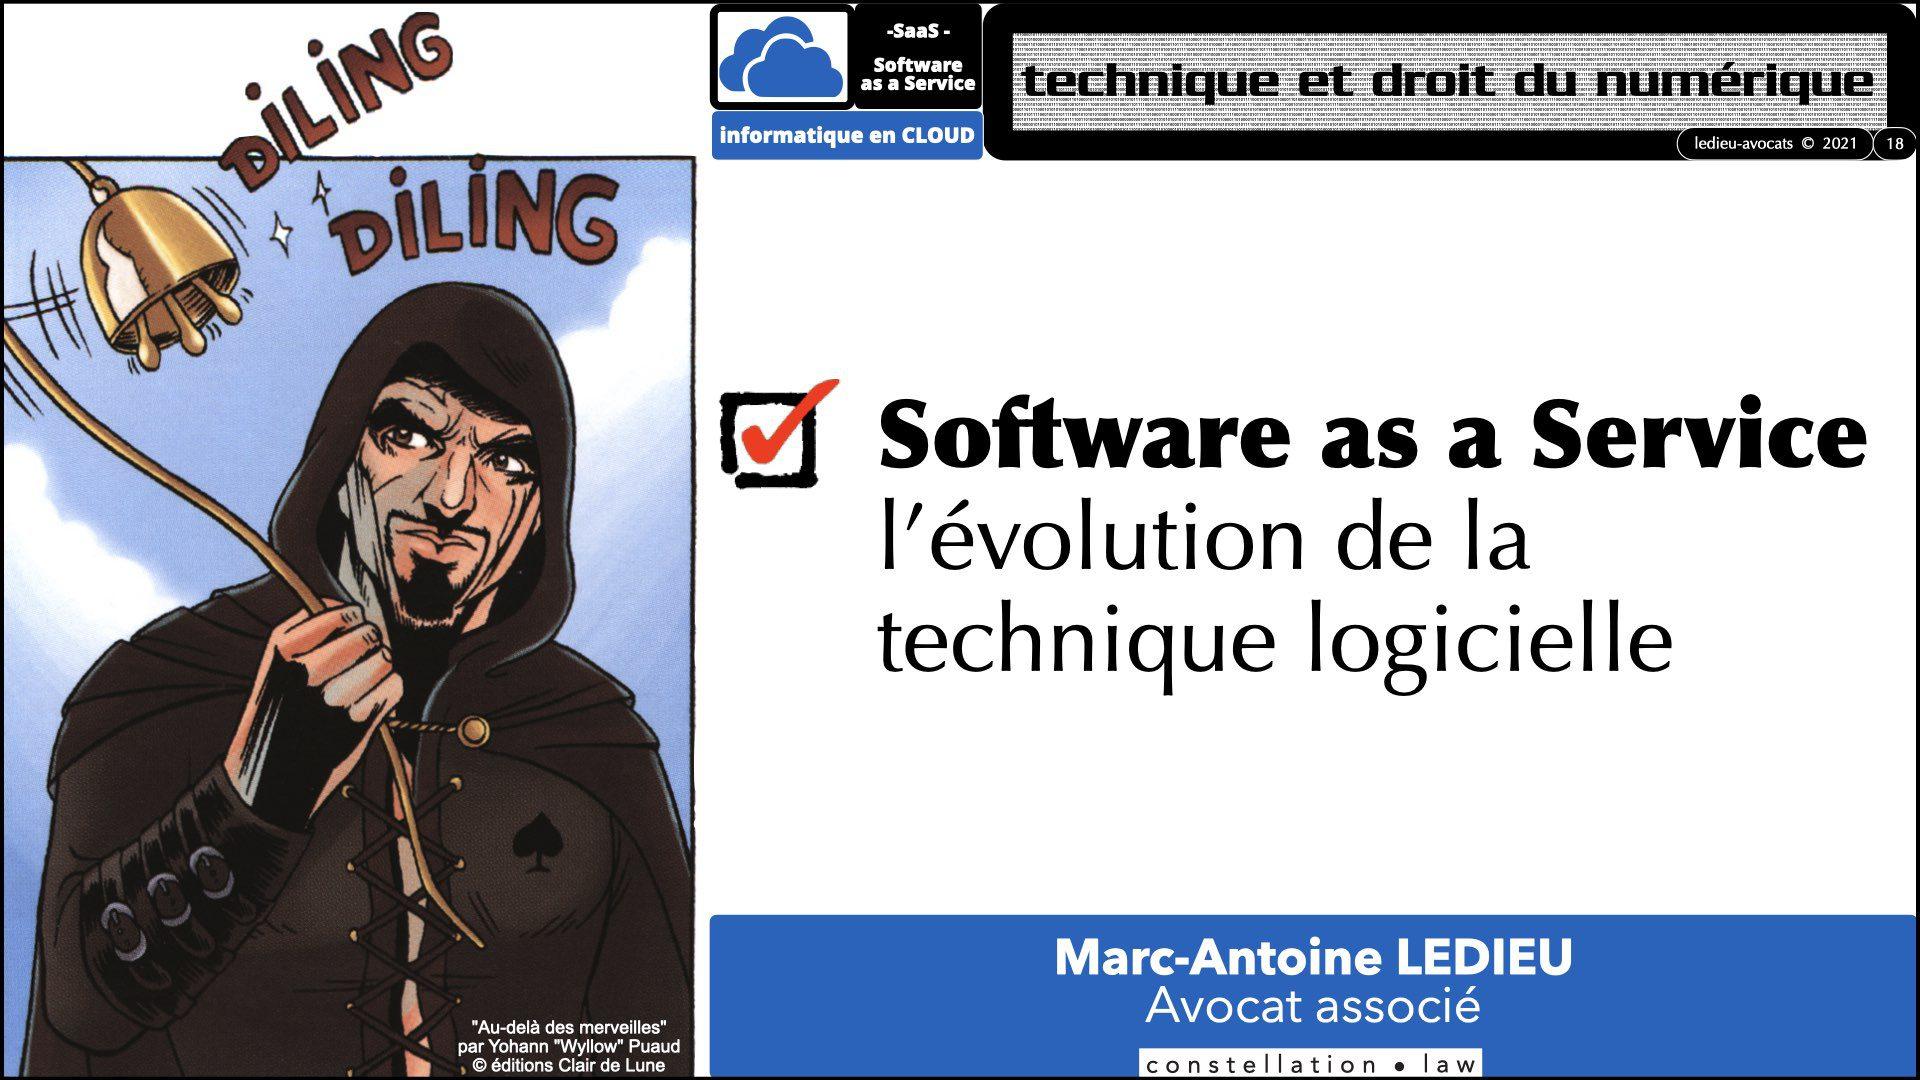 service logiciel SaaS 2021 : évolution technique